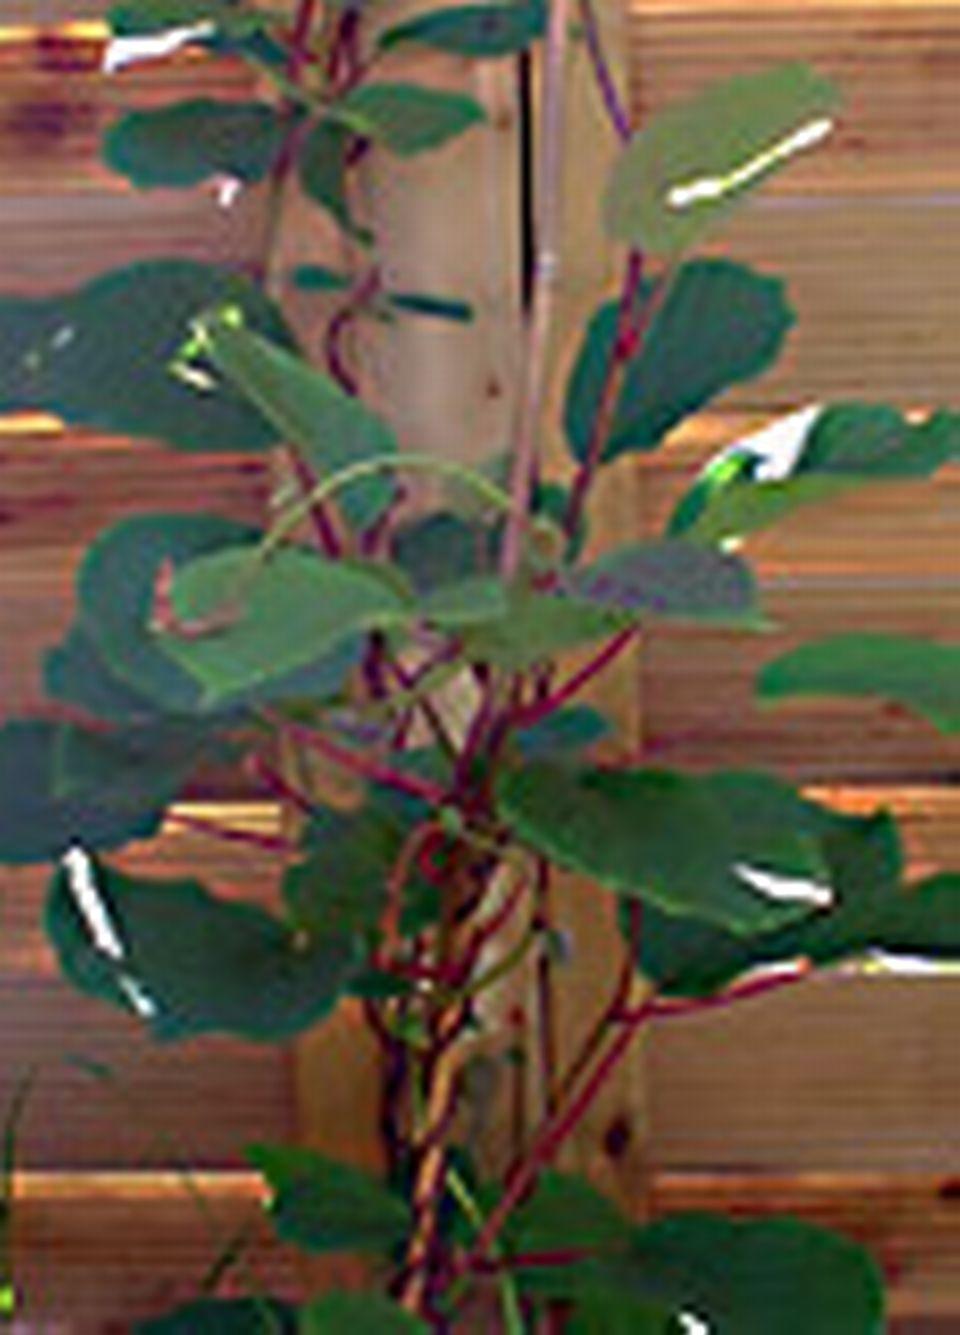 Palisser un kiwi 13 juin 2004 - Tuteur bambou gros diametre ...